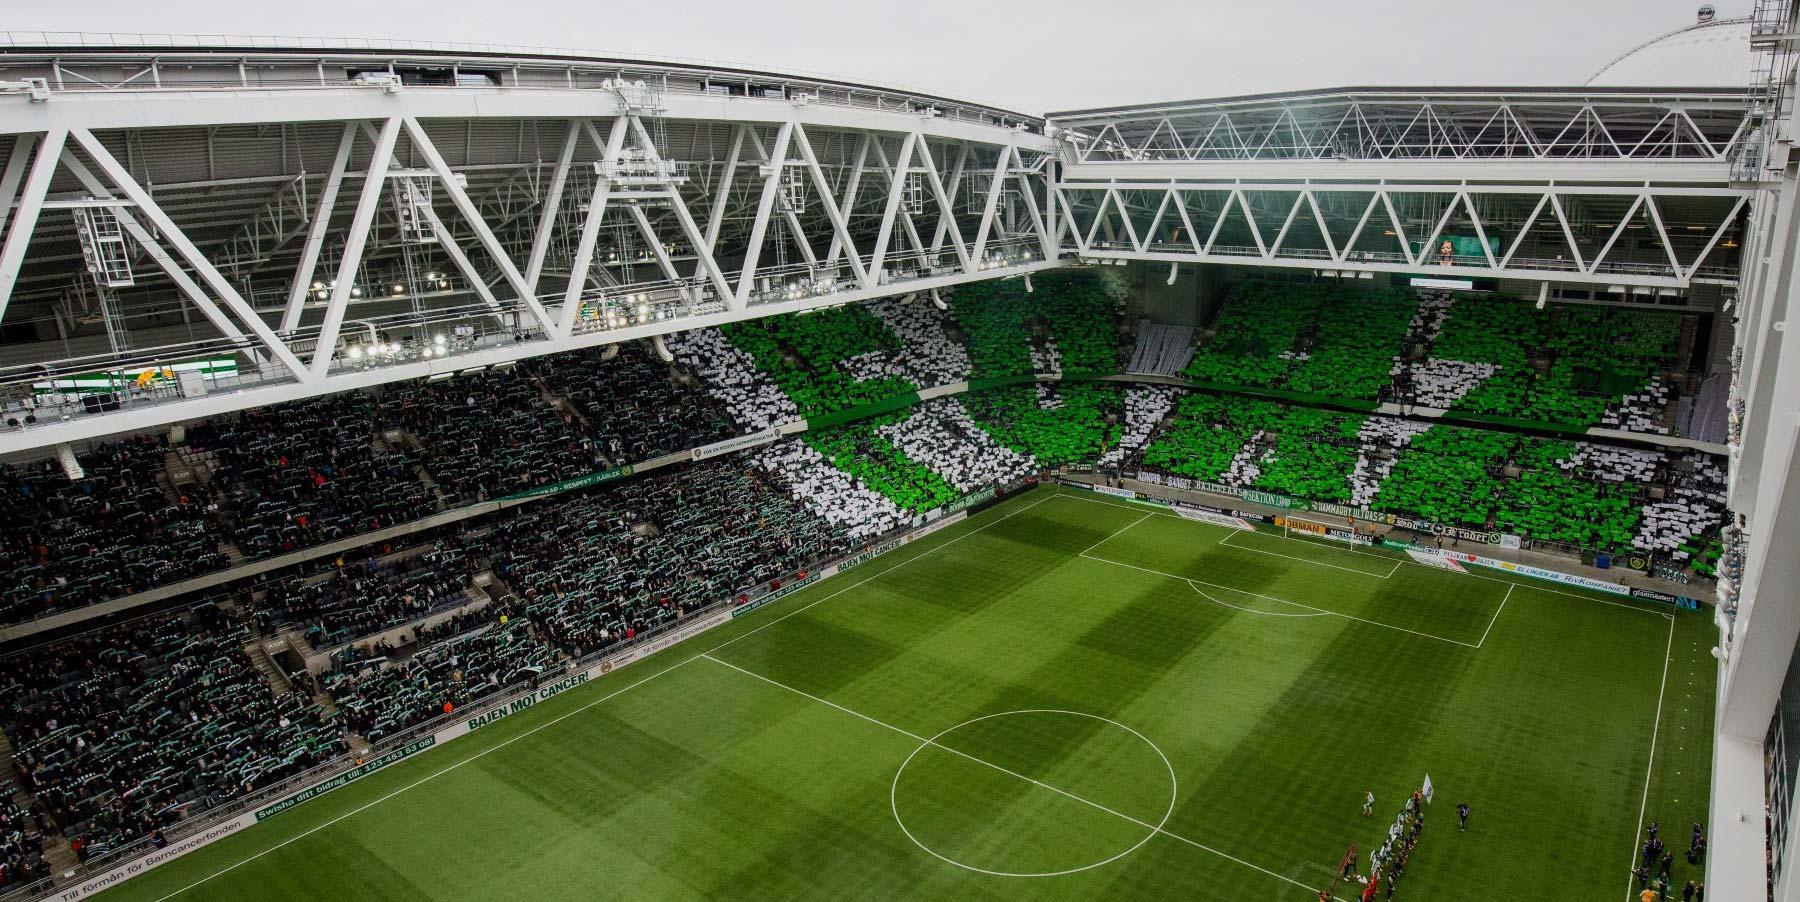 Hammarby Fotboll - Intersport cad3fbec5297b